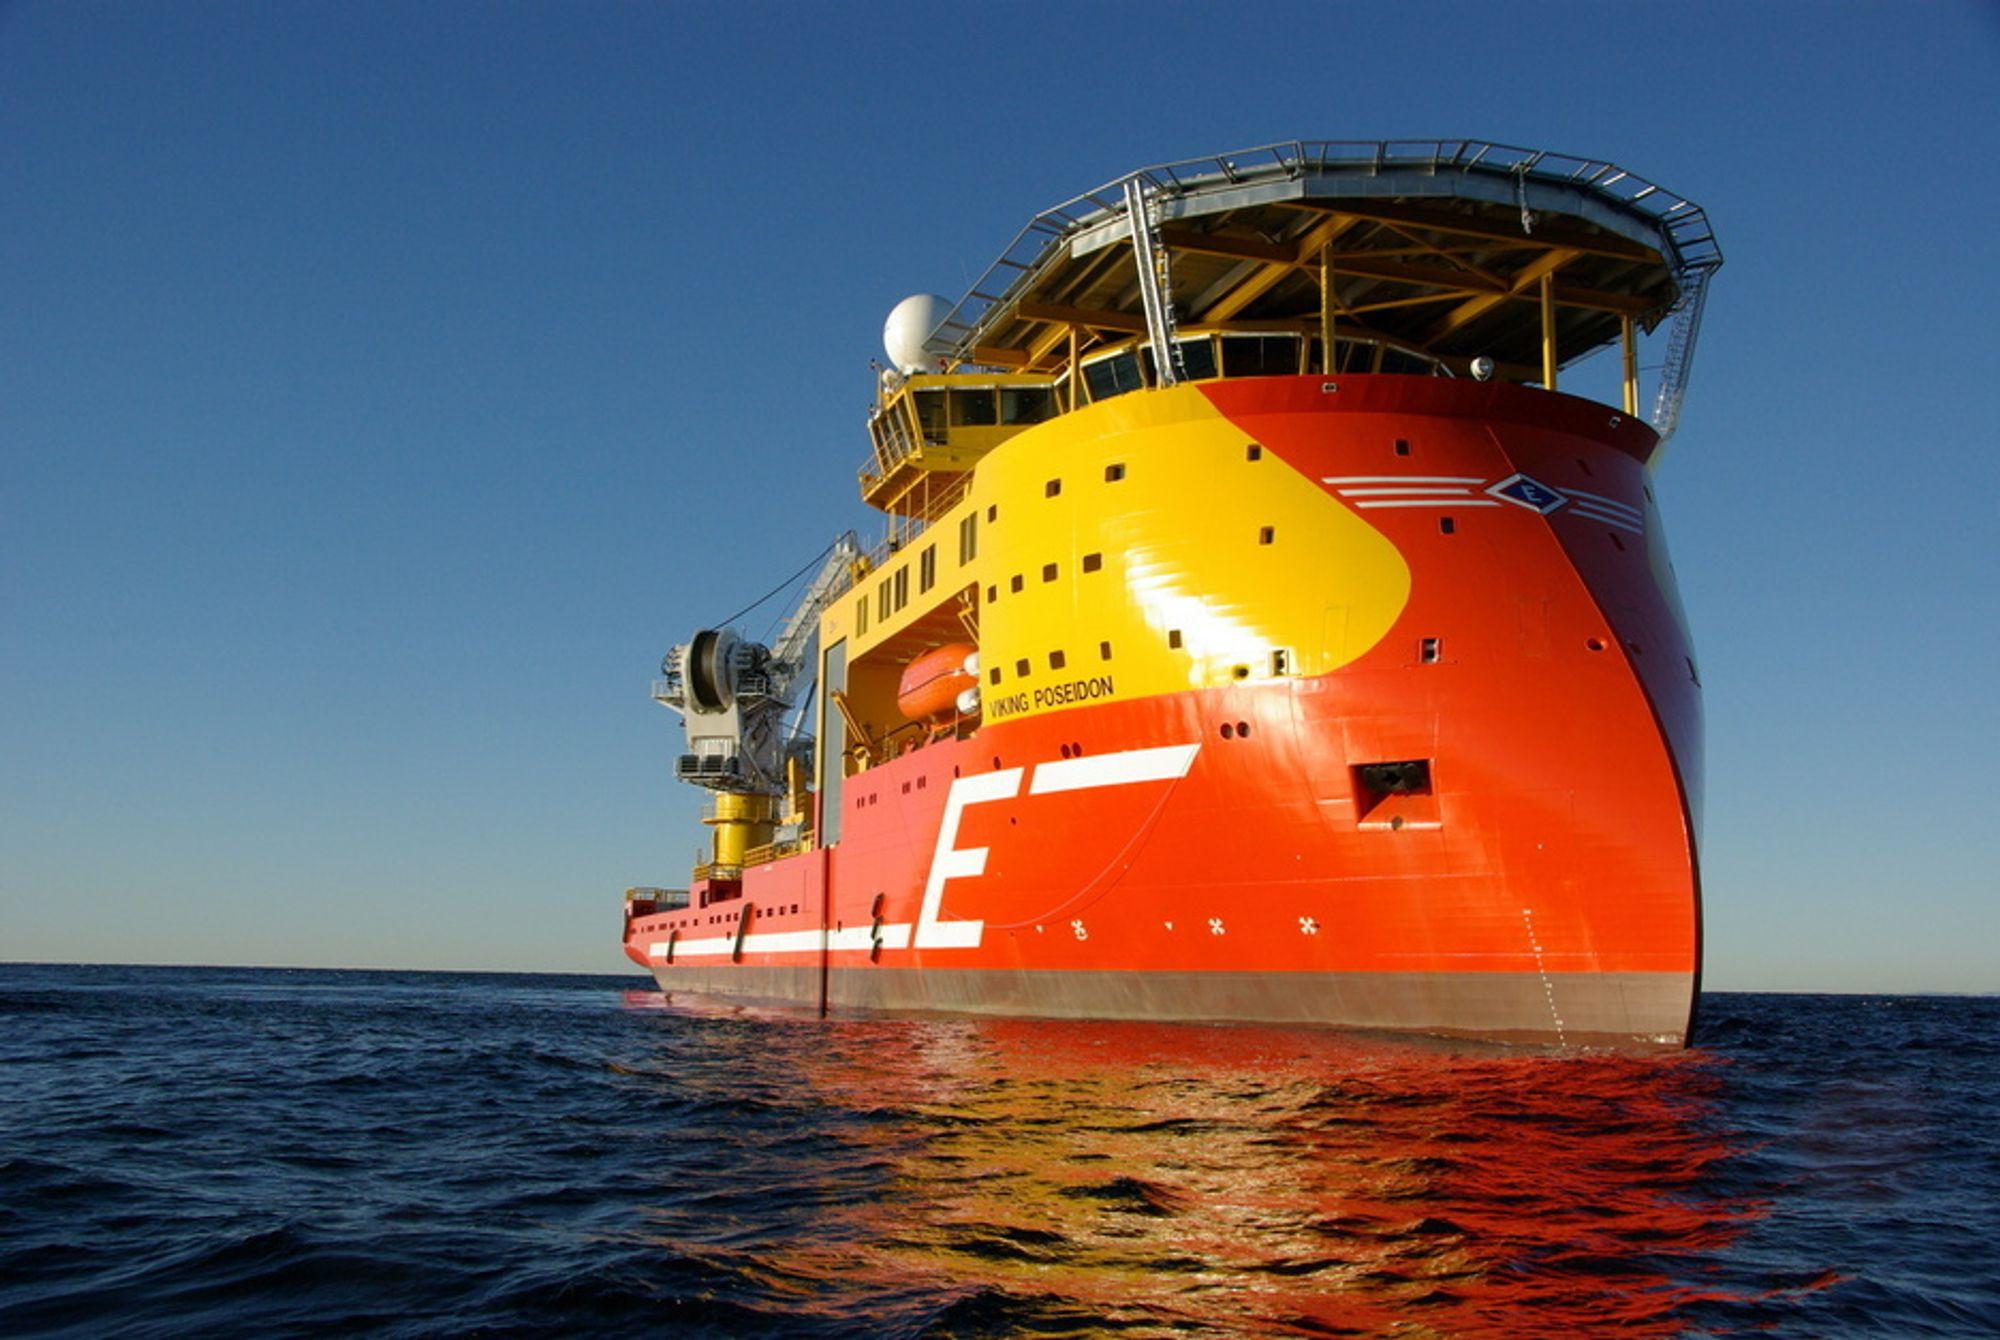 SJELDENT SYN: Viking Poseidon forsvinner til Mexicogolfen. Der vil skipet operere i åtte år. Derfor tar det tid før skipet vil dukke opp i norske farvann igjen.